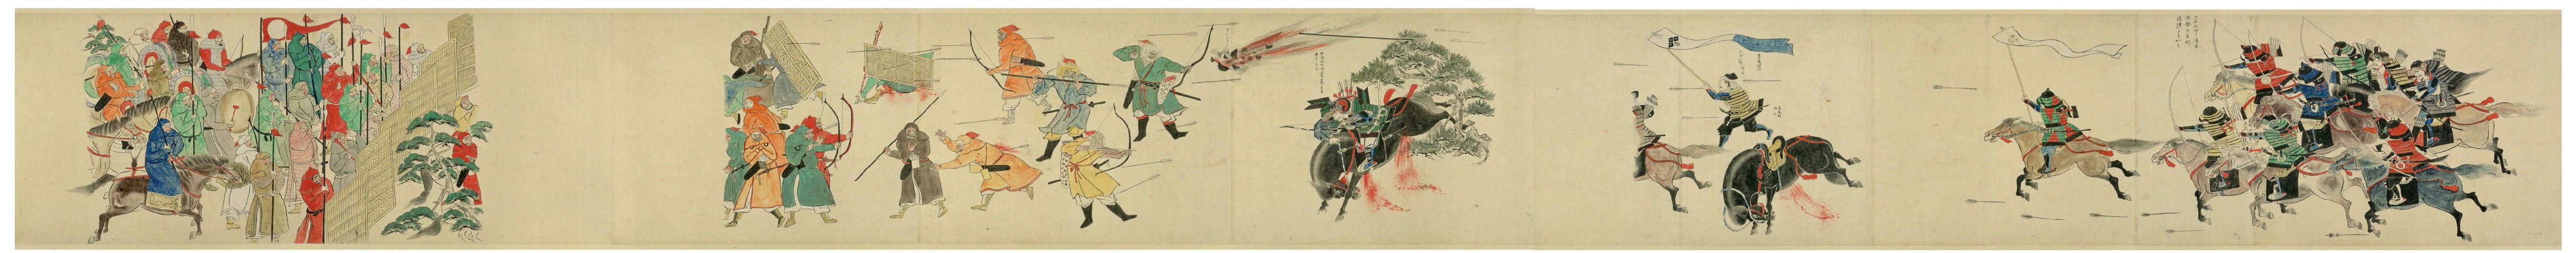 モンゴル 鎧 元寇 死体 盾に関連した画像-02